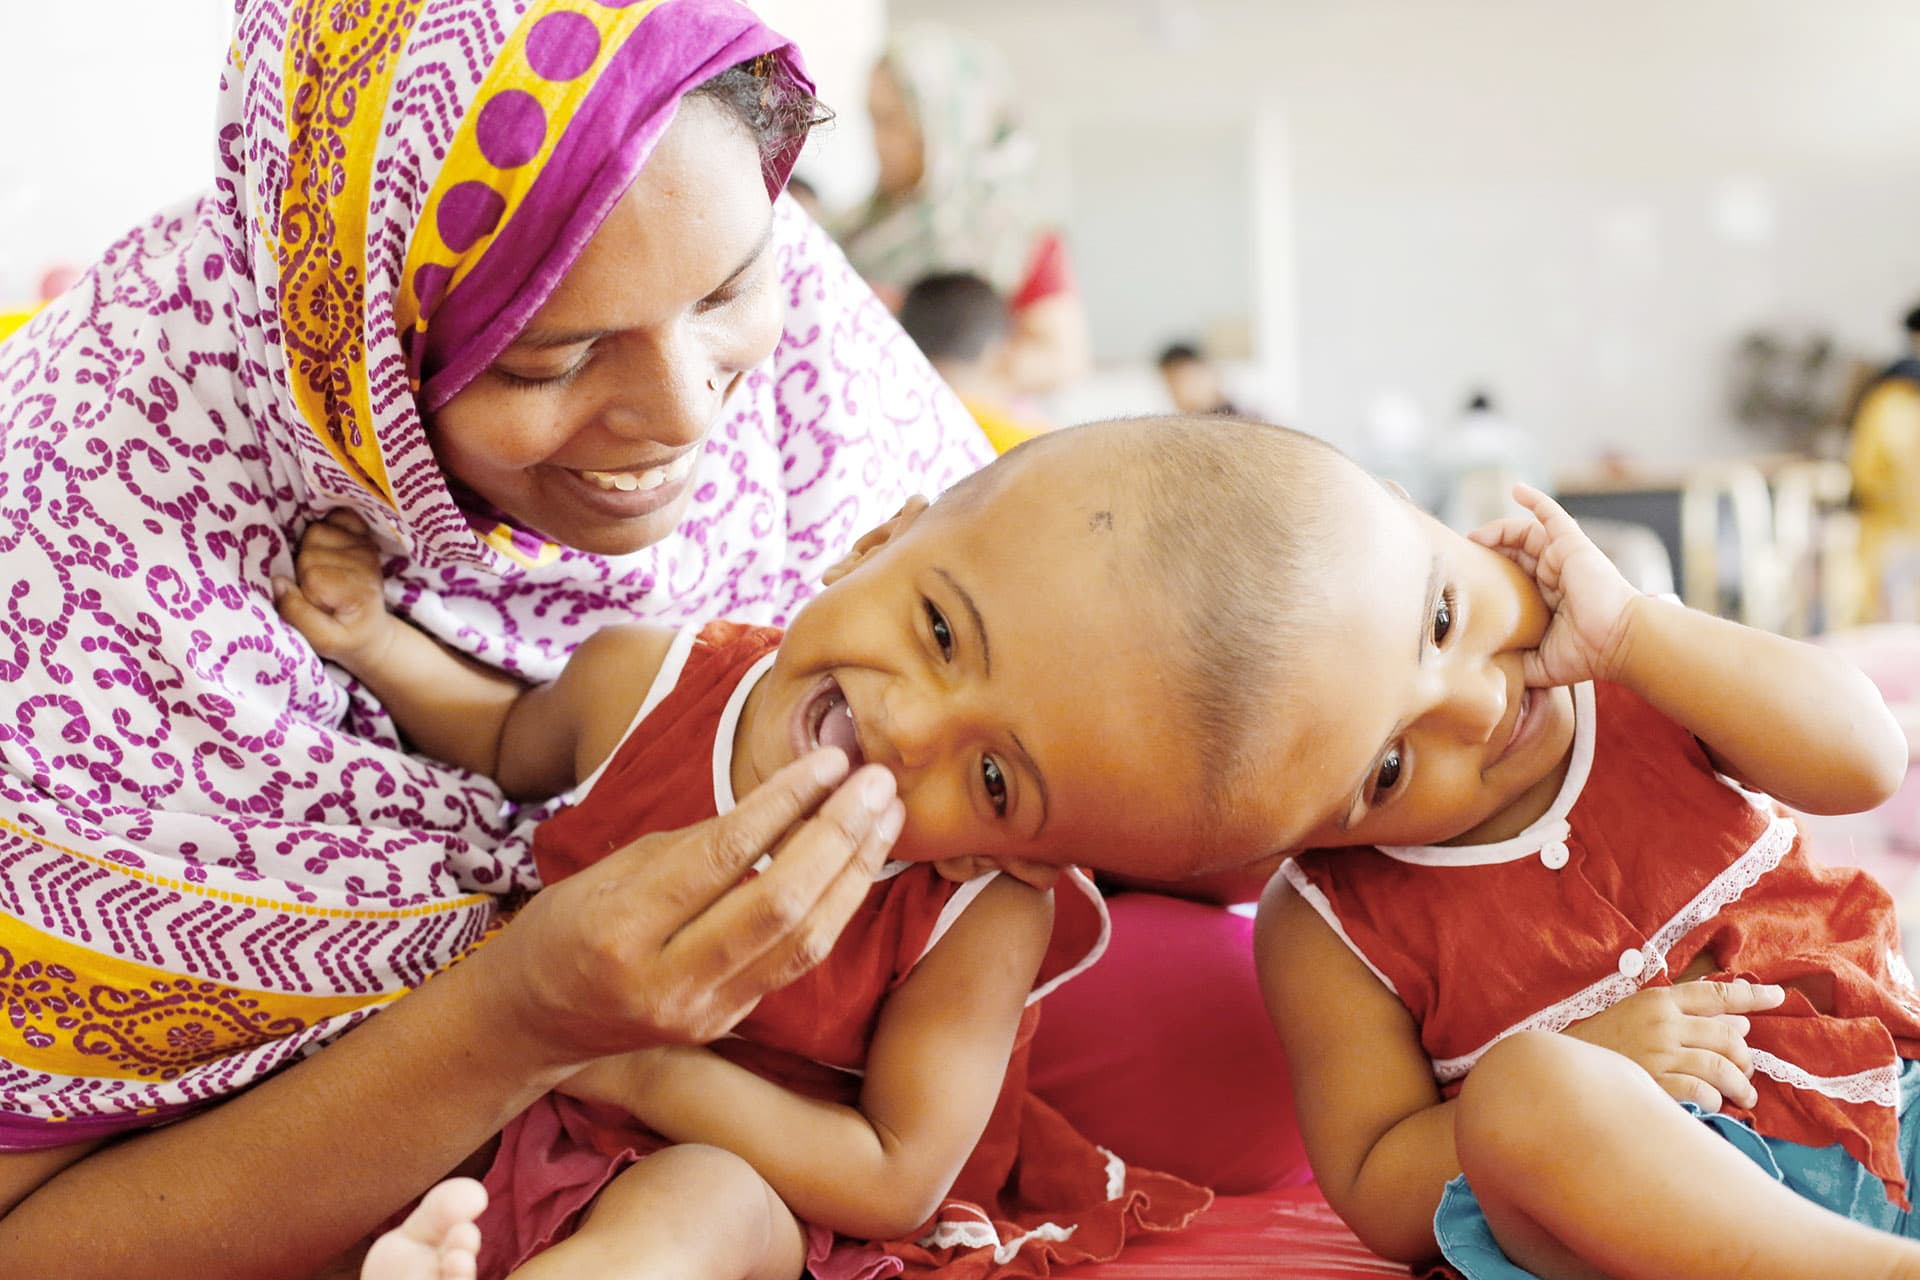 Siamilaiset kaksoset Rabeya ja Rukaya äitinsä Taslima Khatunin kanssa sairaalassa Dhakassa 28. heinäkuuta 2017.